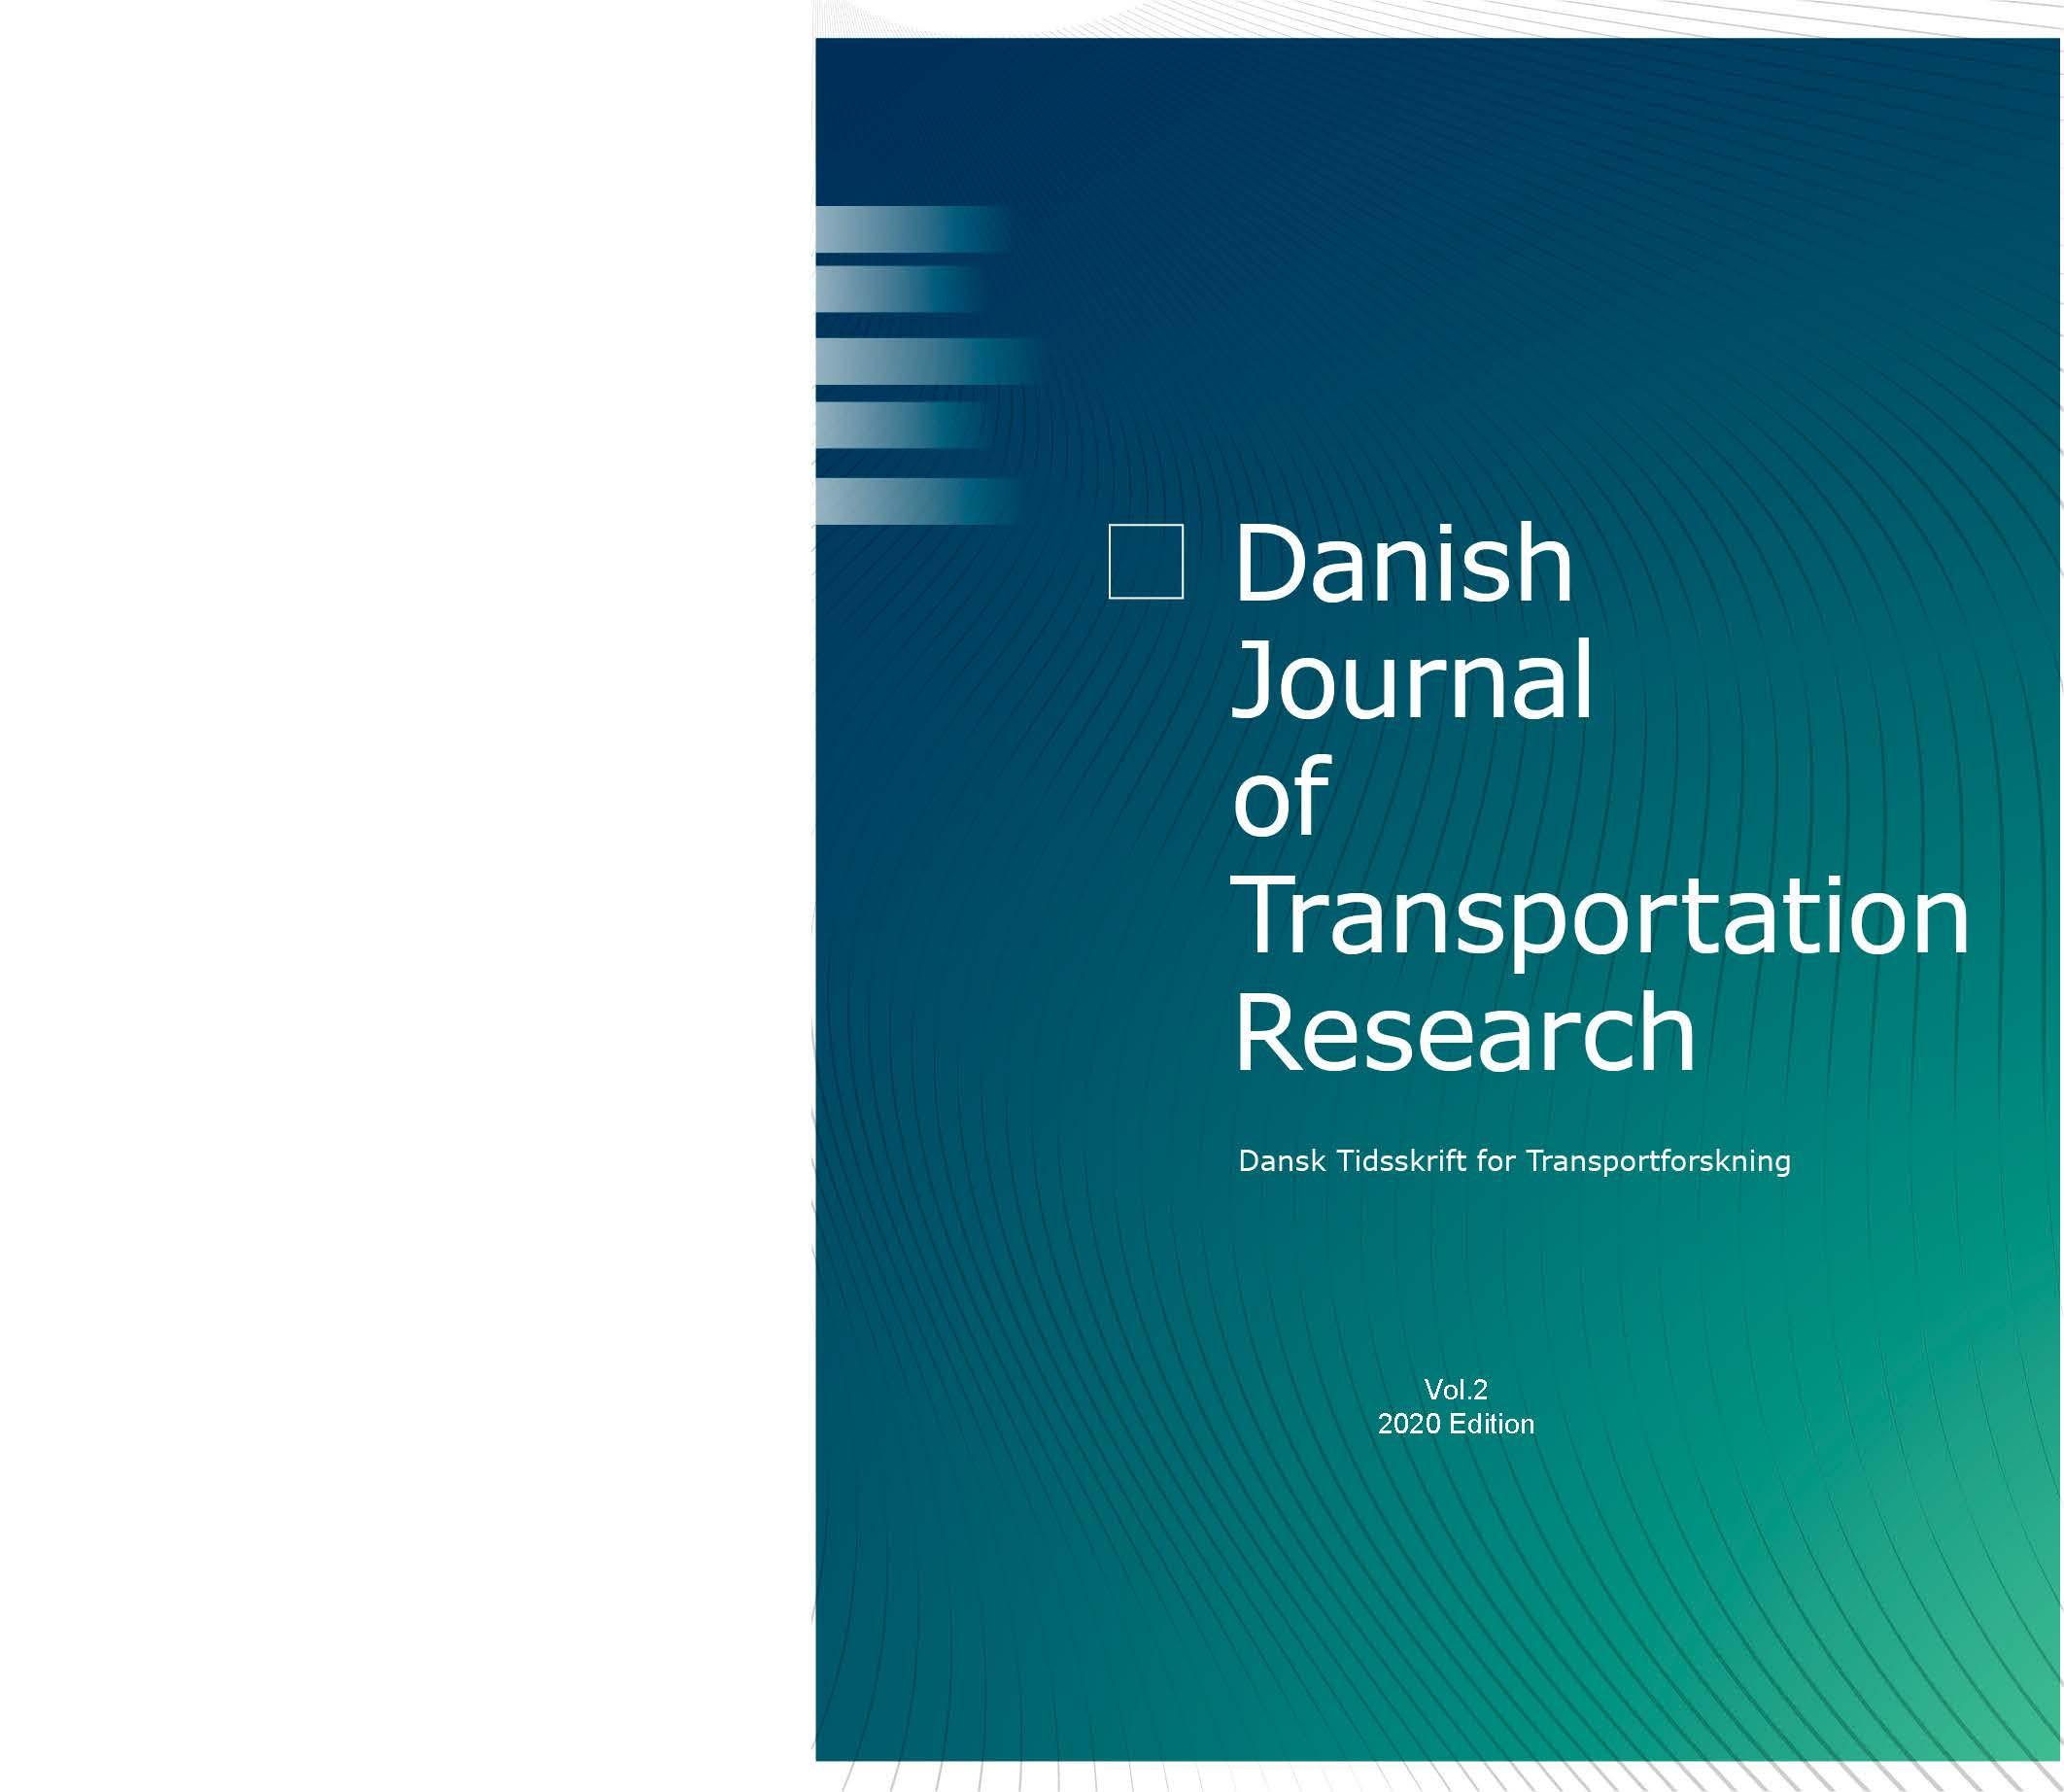 Se Årg. 2 Nr. 1 (2020): Danish Journal of Transportation Research - Dansk tidsskrift for transportforskning